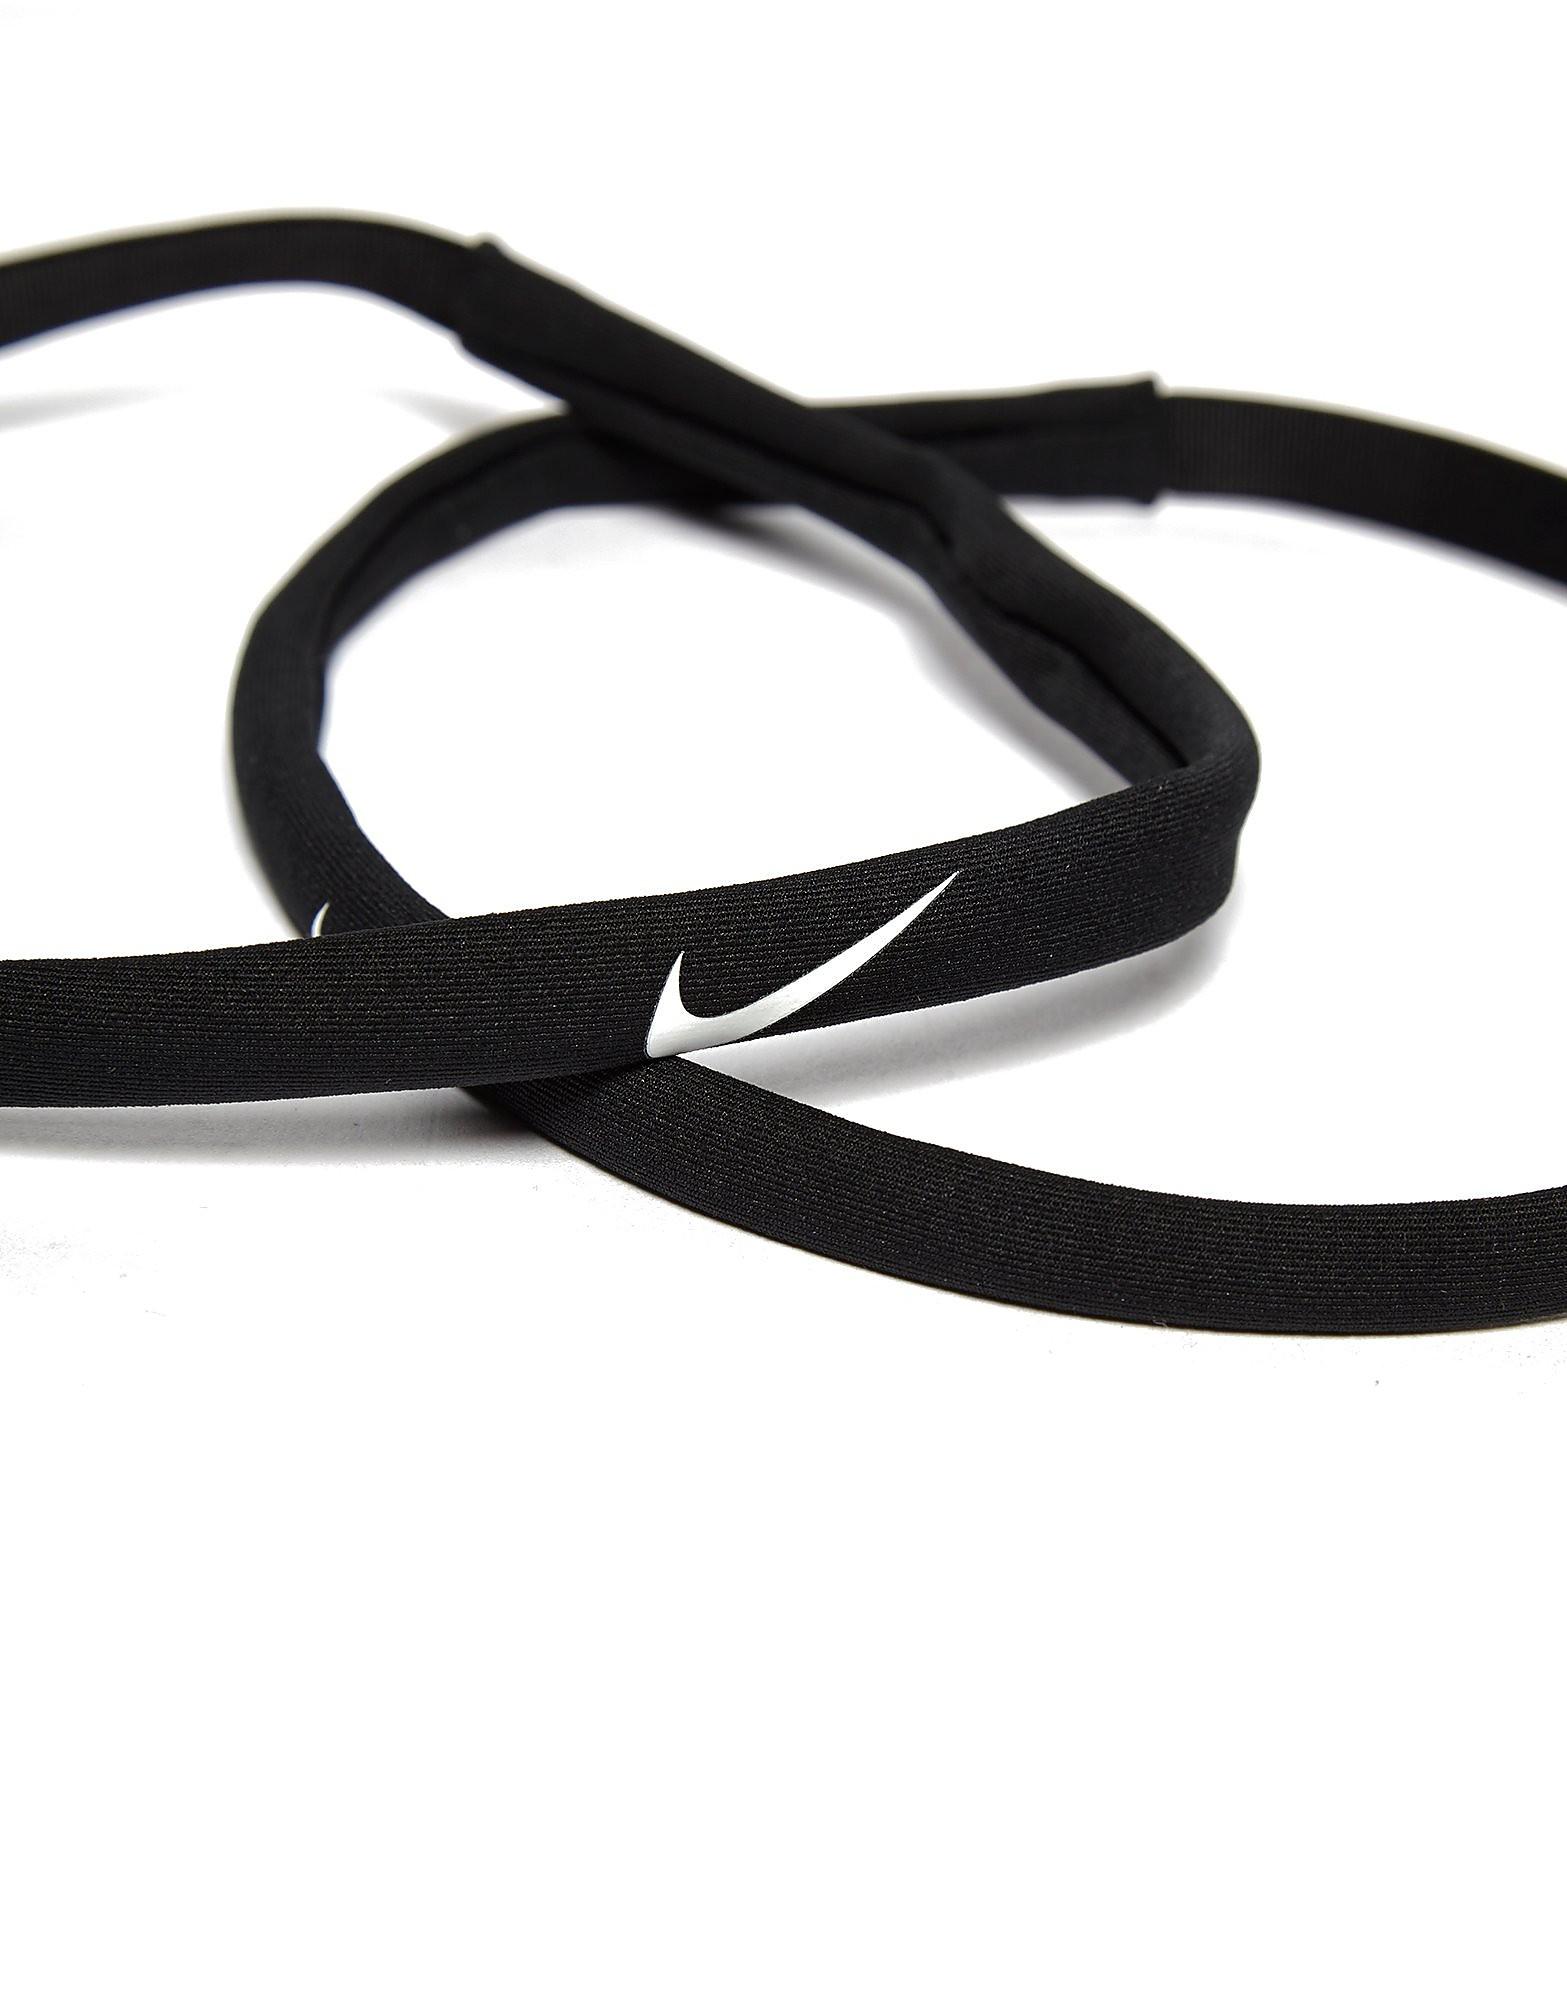 Nike Dri-FIT Skinny Headband